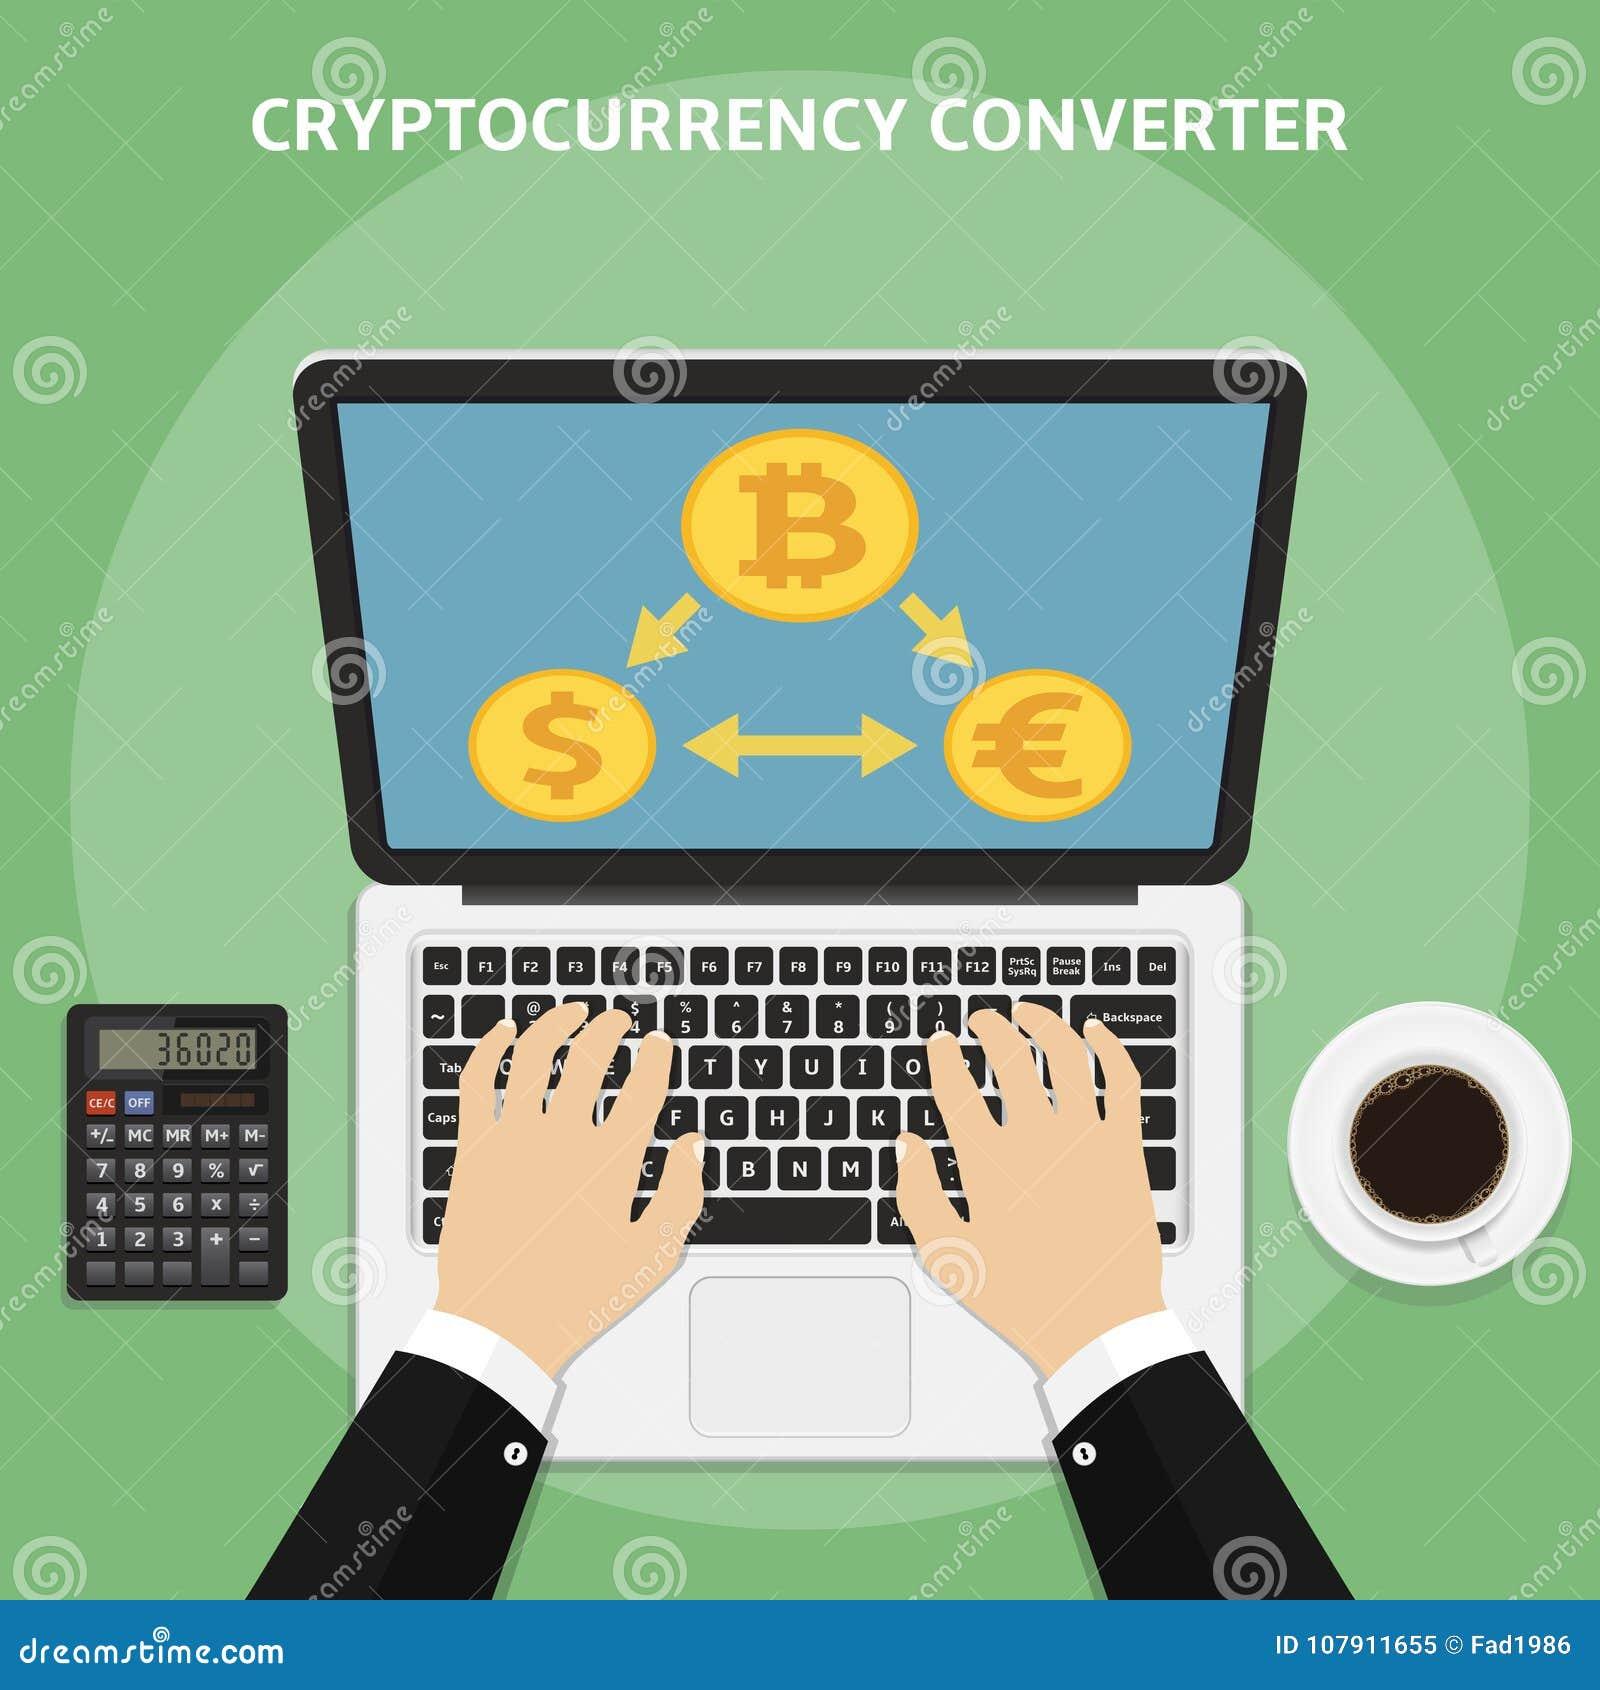 μετατροπή bitcoin σε ευρώ